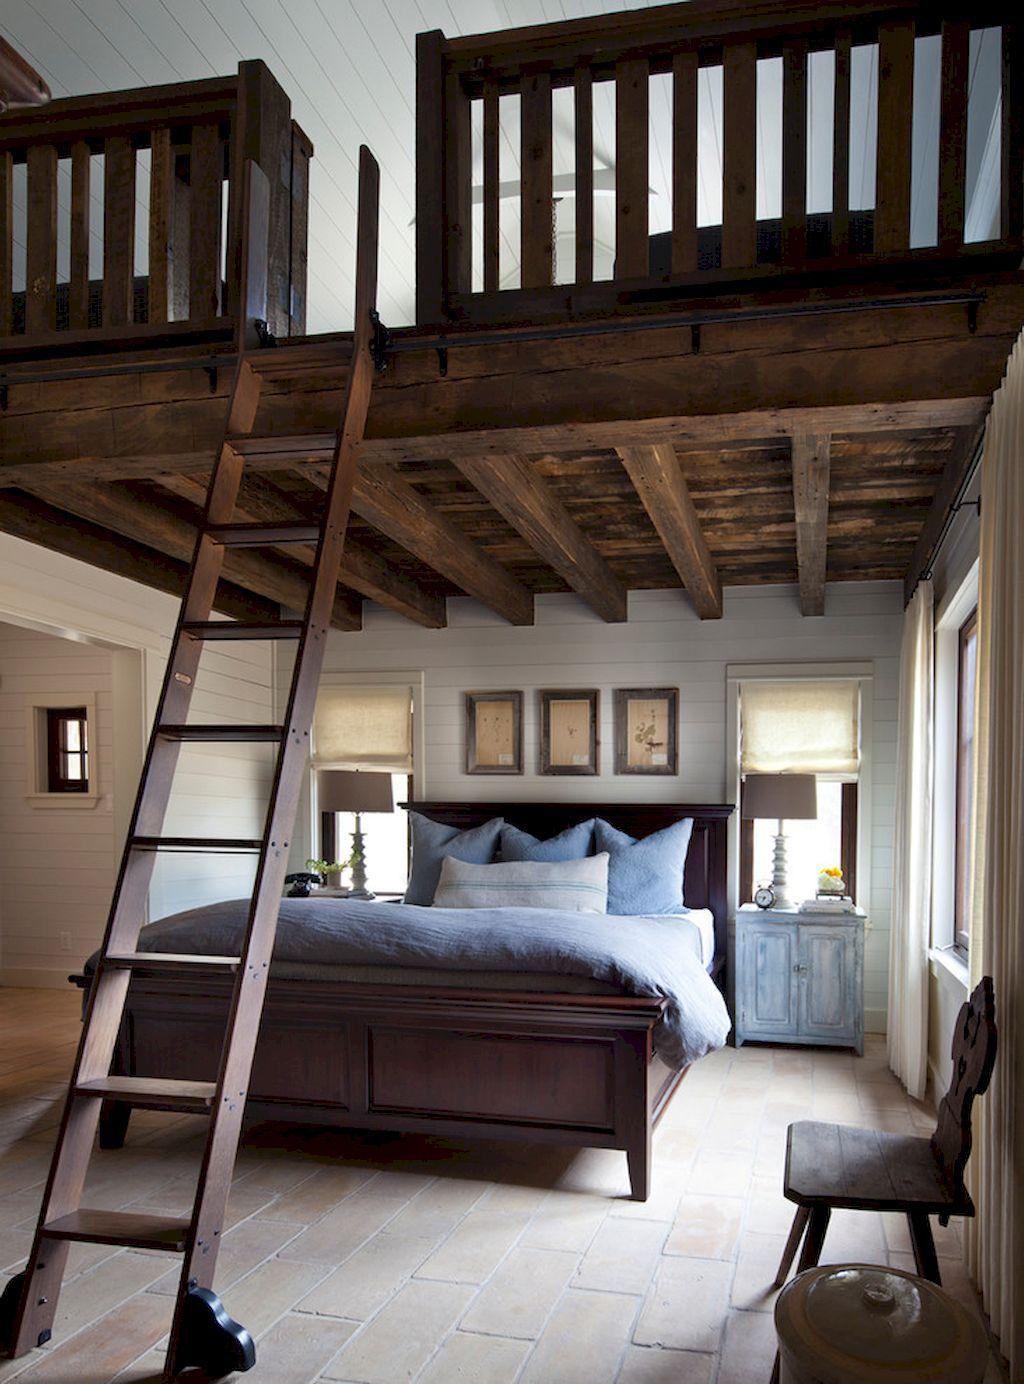 Loft bed ideas diy   Inspiring Modern Farmhouse Bedroom Decor Ideas  Bedroom Design